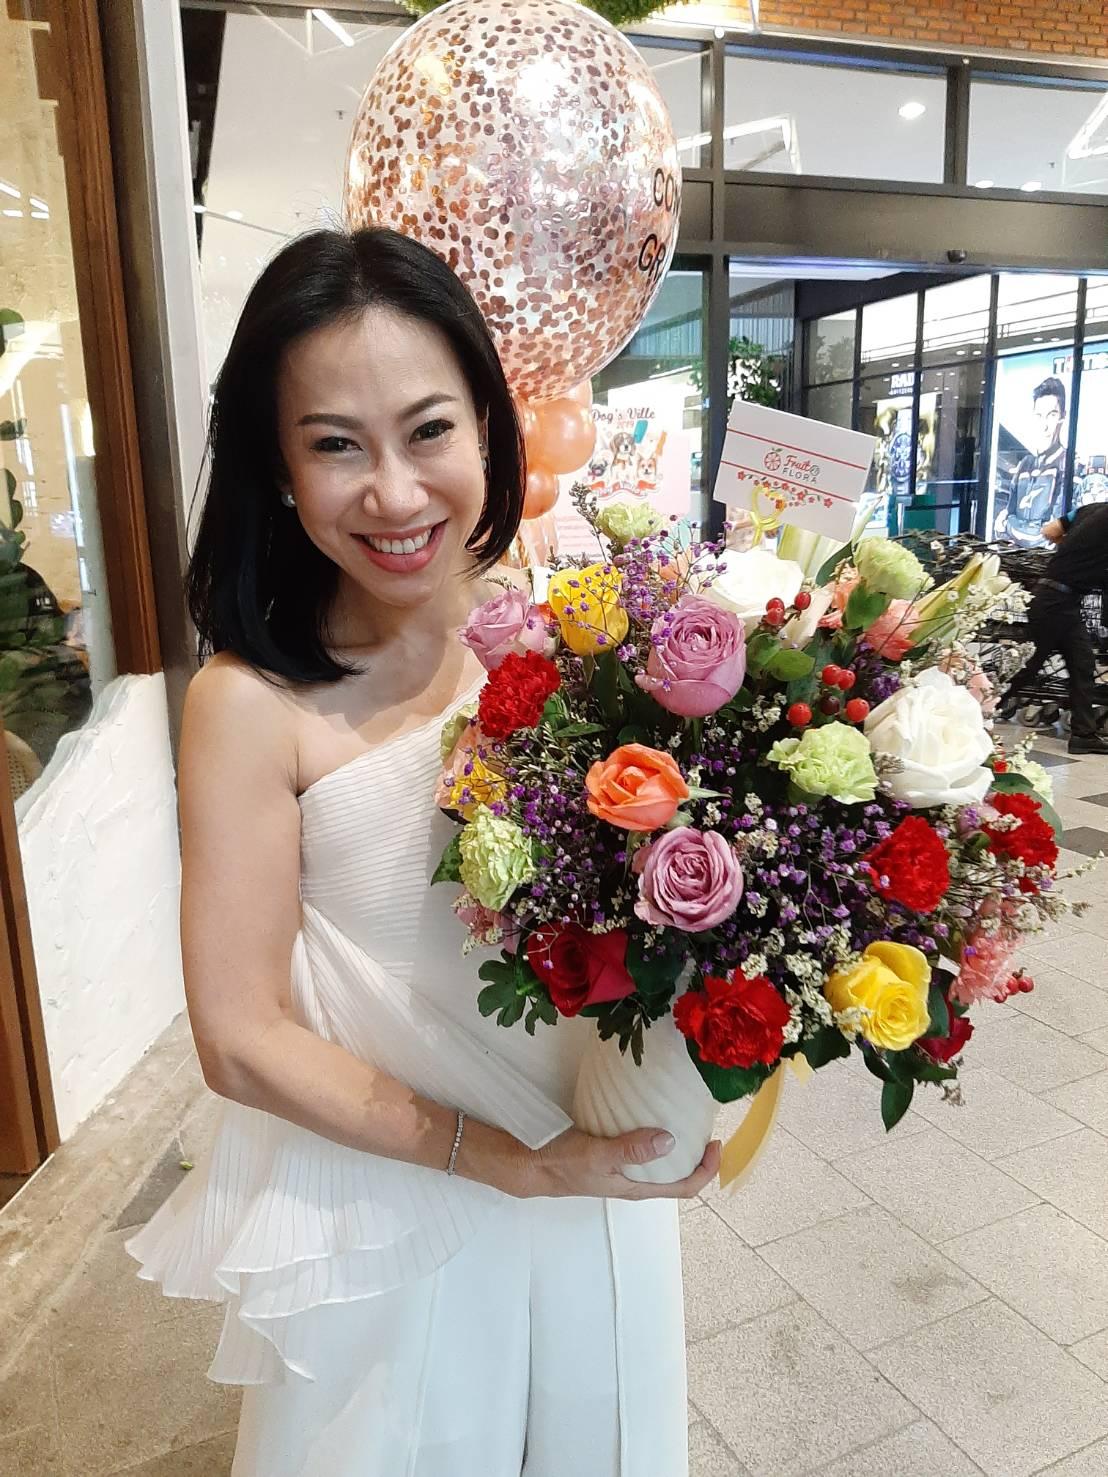 ให้กระเช้าดอกไม้ของเราสร้างความสุขความสบายใจแก่คุณและคนพิเศษของคุณนะคะ